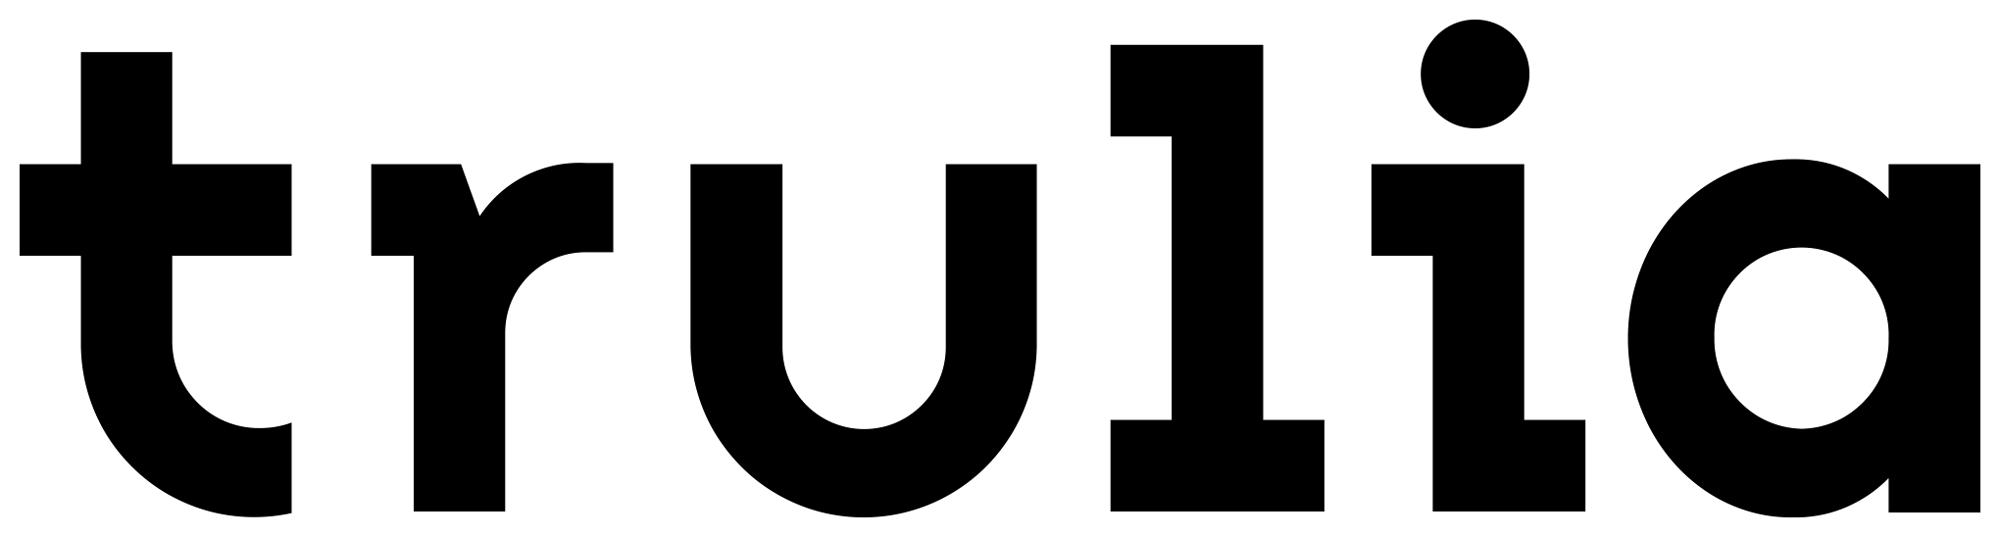 Brand New New Logo And Identity For Trulia By Design Studio Identity Logo Marker Icon Gomez Palacio